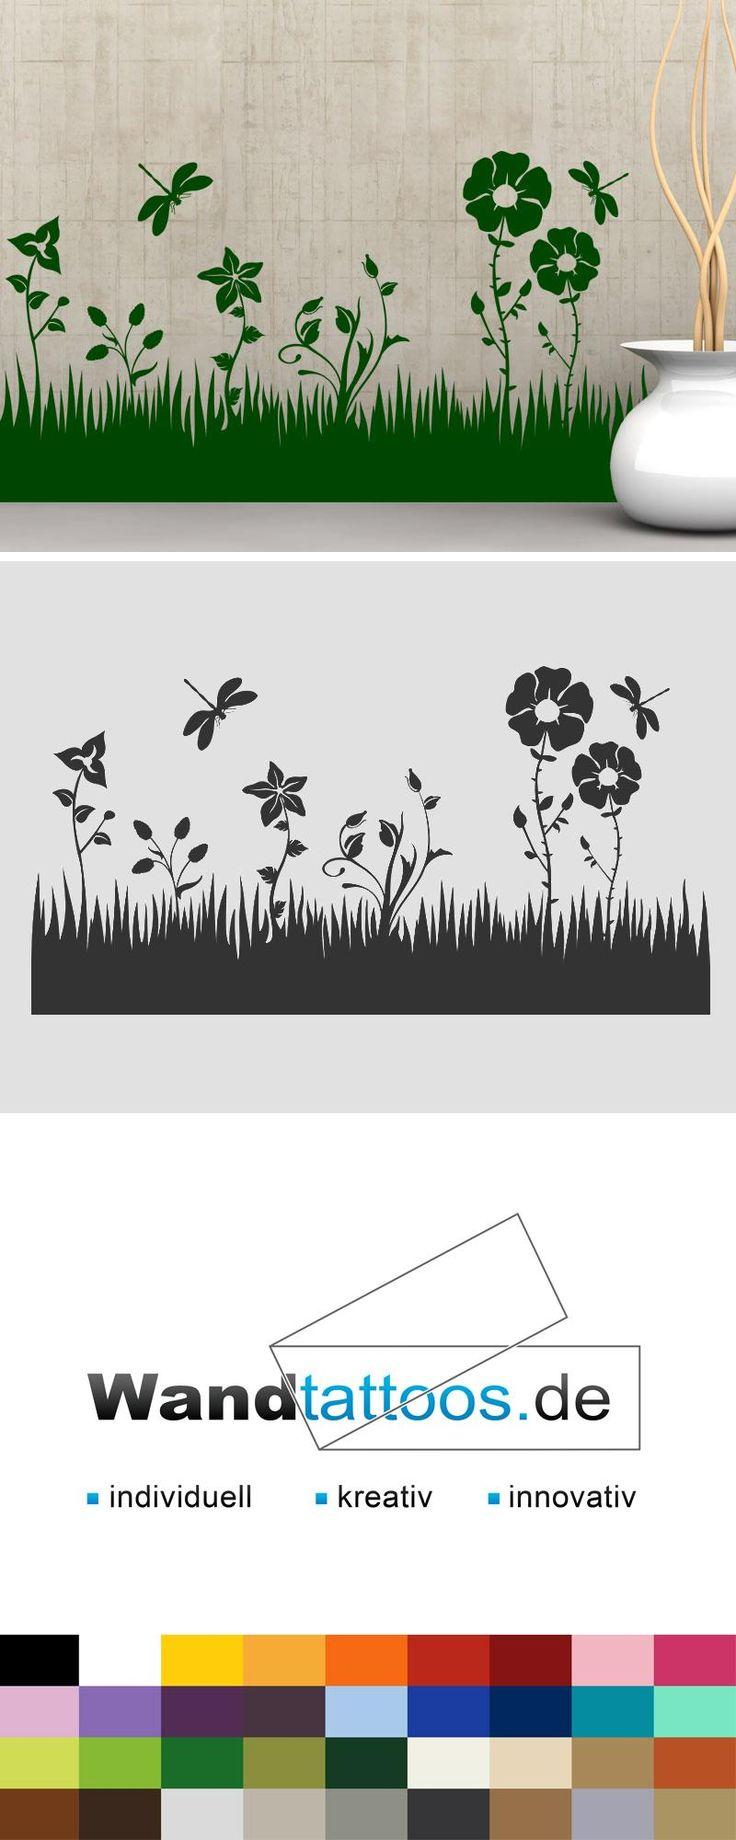 Wandtattoo Blumen Wiese mit Libellen als Idee zur individuellen Wandgestaltung. Einfach Lieblingsfarbe und Größe auswählen. Weitere kreative Anregungen von Wandtattoos.de hier entdecken!